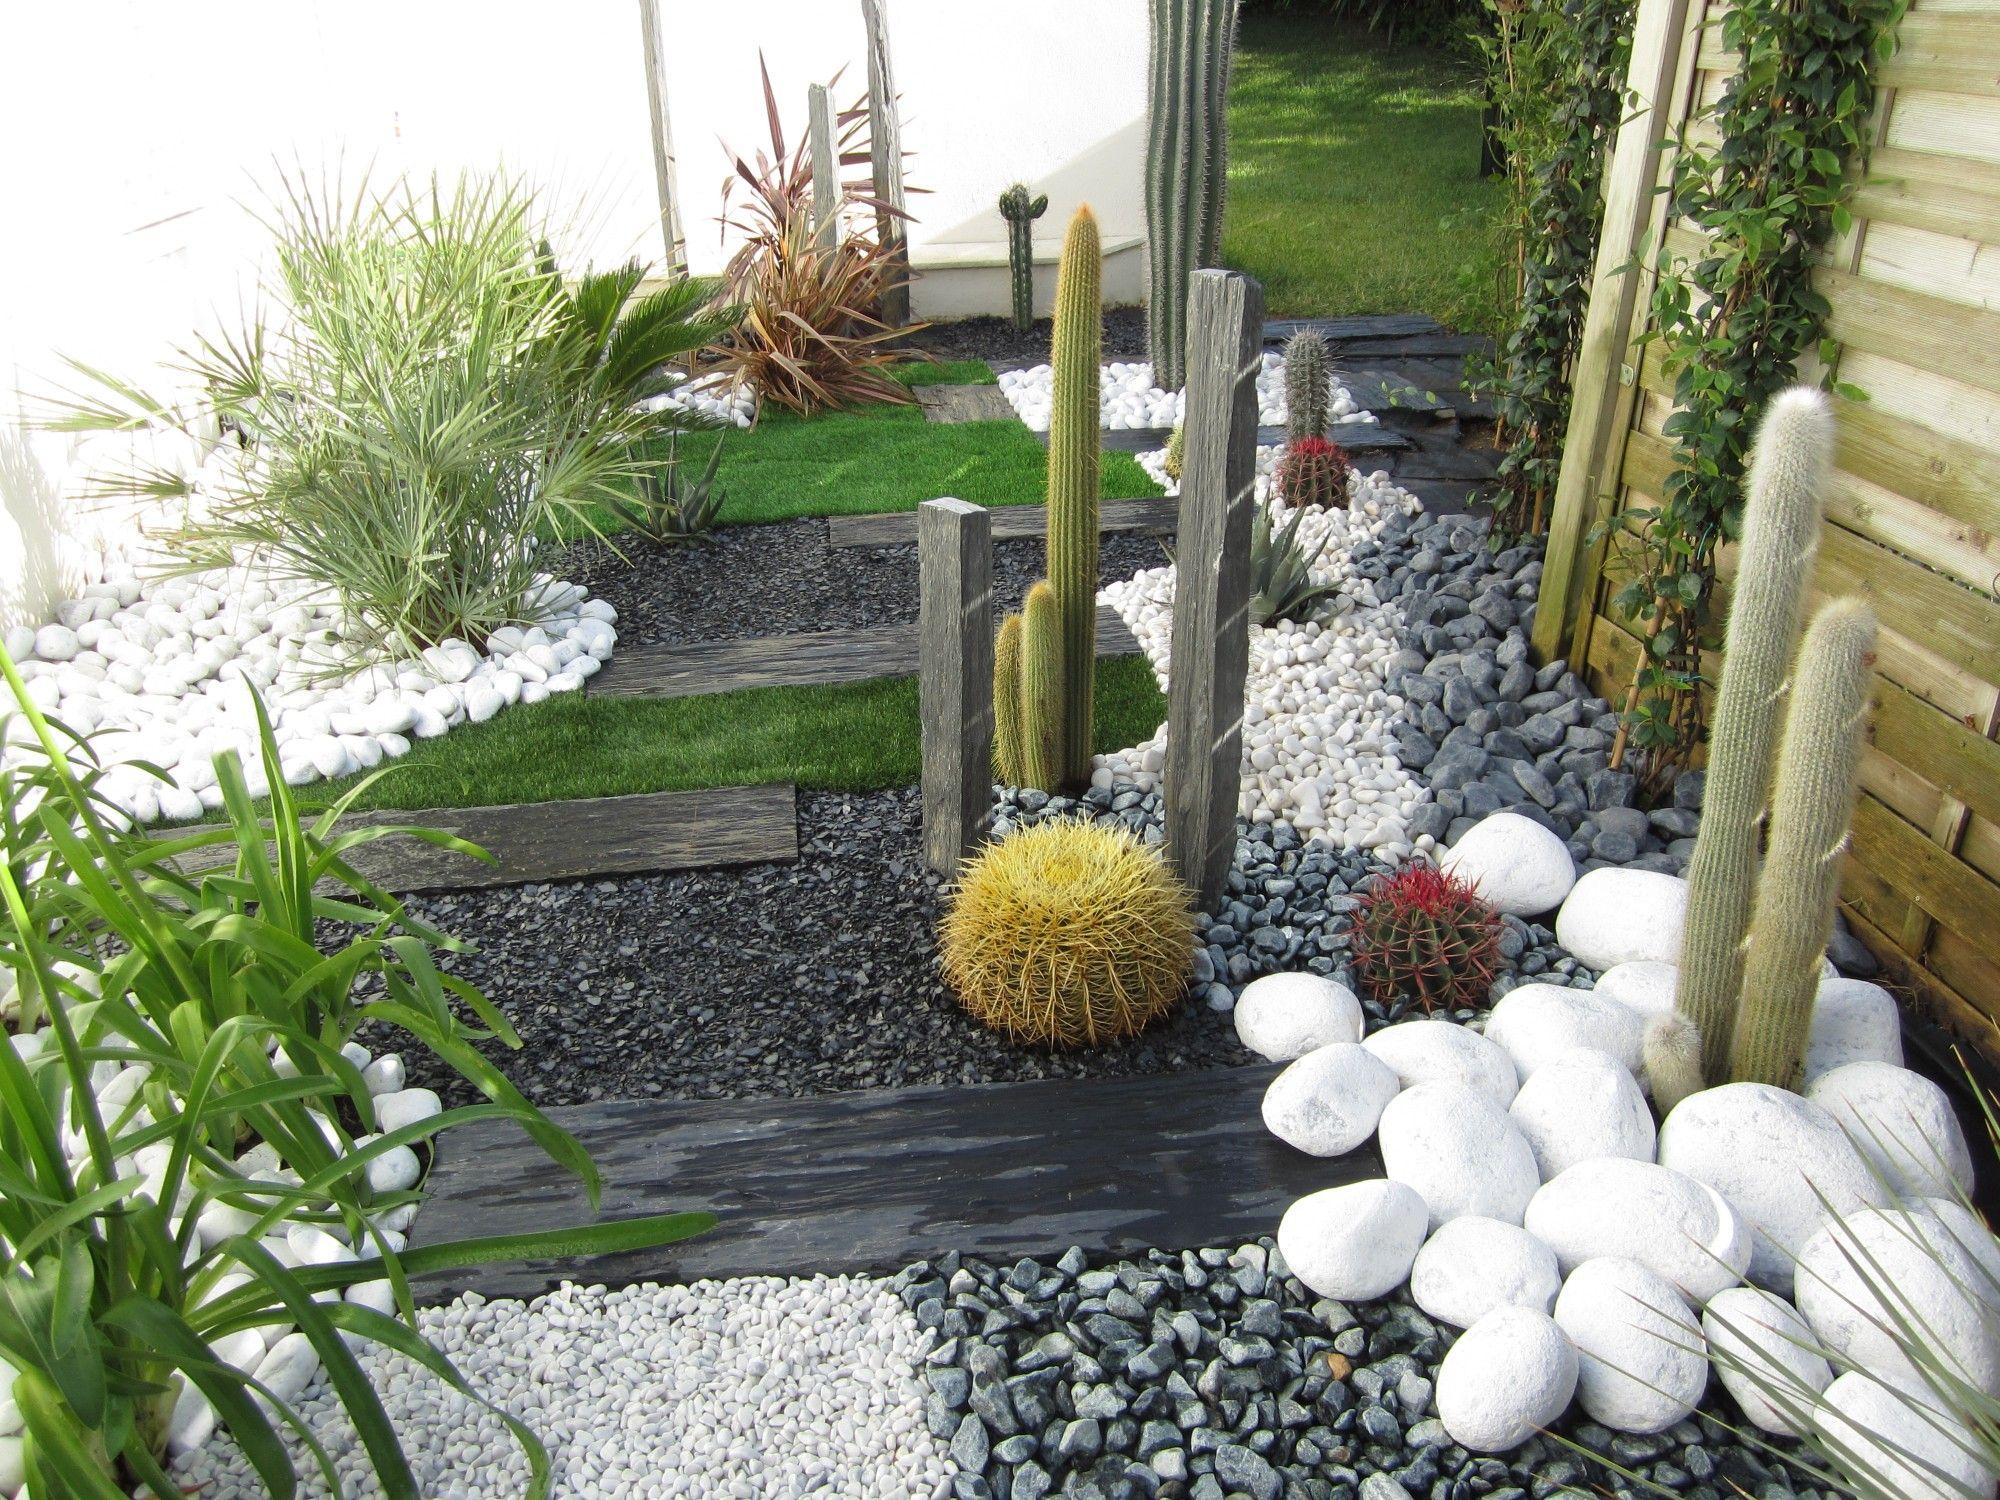 jardin sec cactus galets polis blancs gazon synthtique plaques de schistes - Jardin Sec